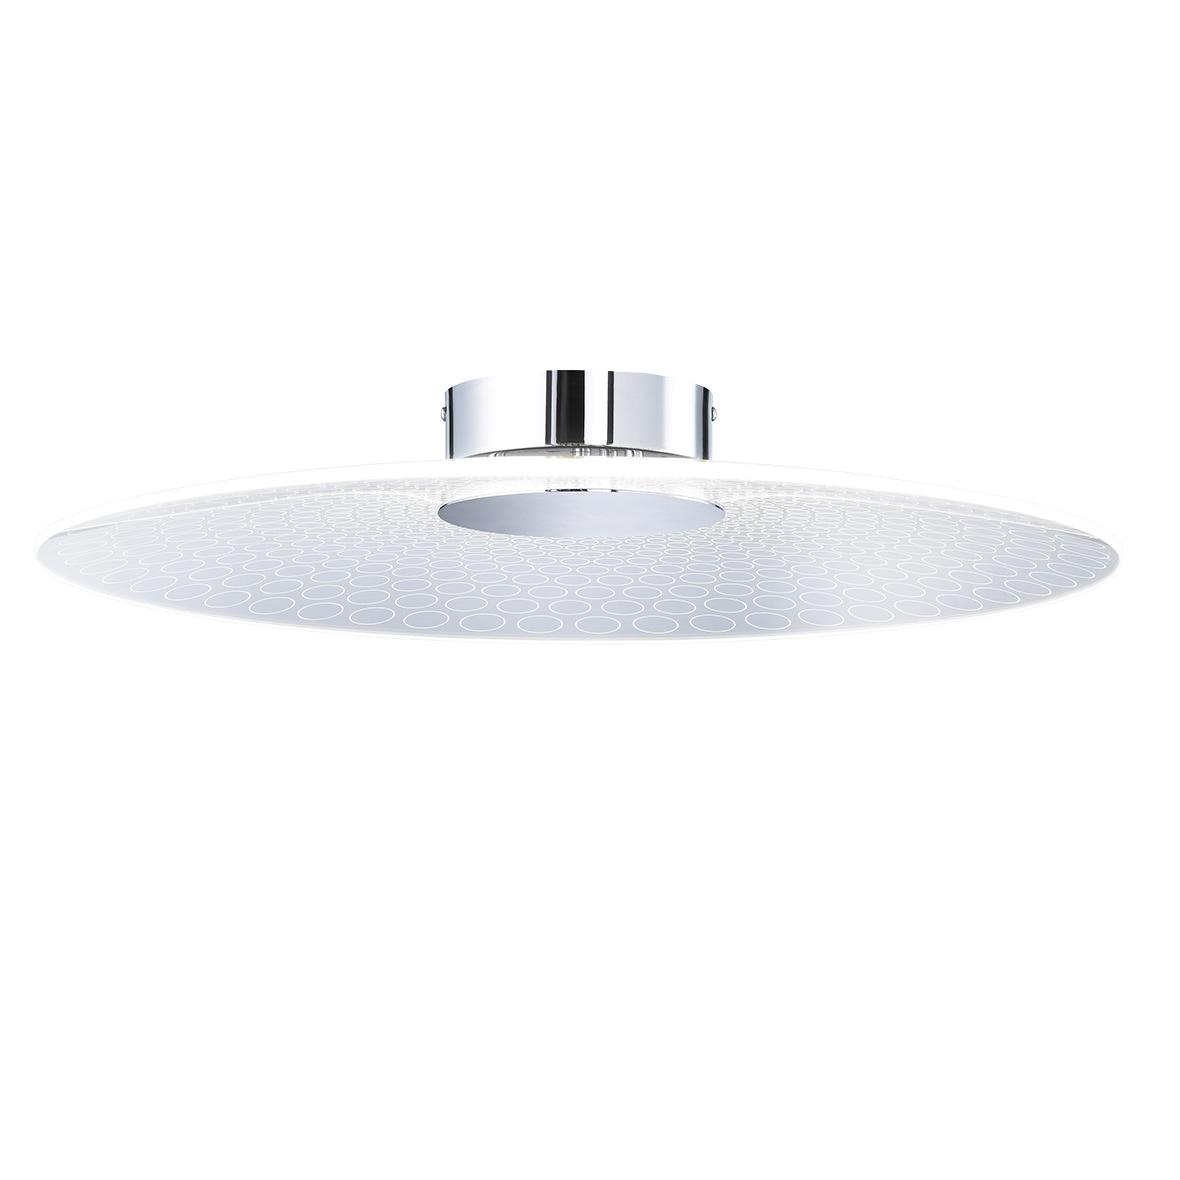 WOFI LED Deckenleuchte Coco, LED-Board, Warmweiß